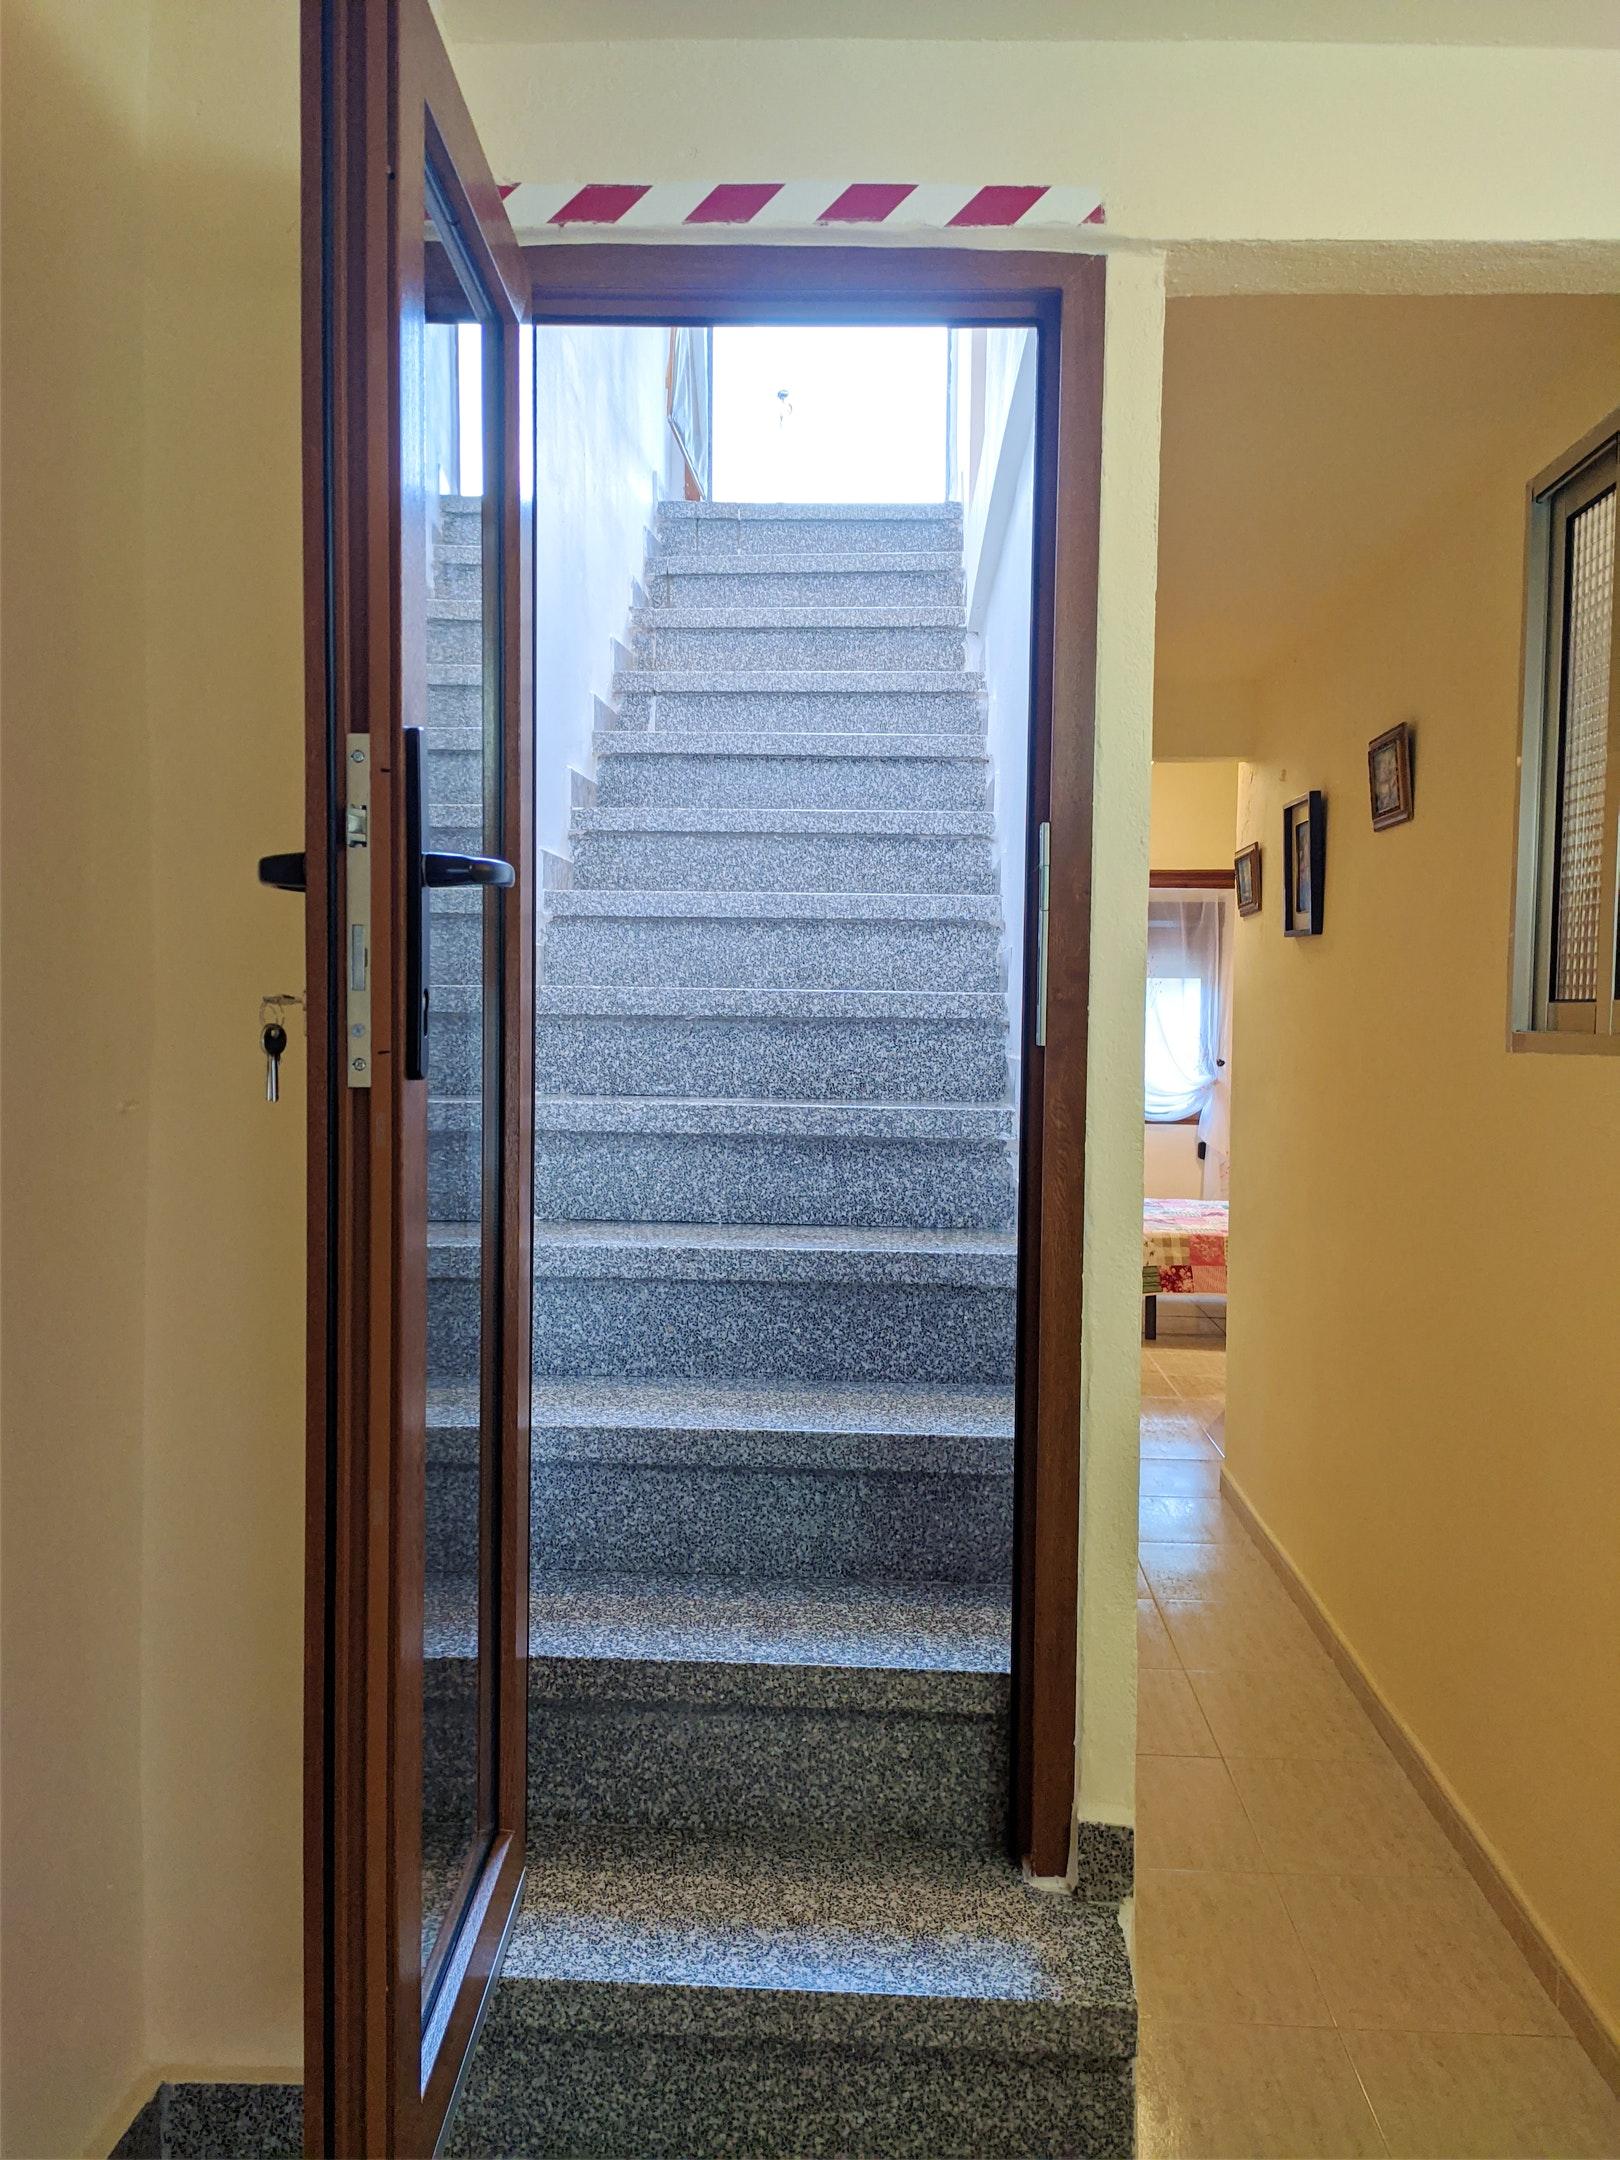 Ferienhaus Haus mit 3 Schlafzimmern in Montanejos mit toller Aussicht auf die Berge, Terrasse und W-L (2751376), Montanejos, Provinz Castellón, Valencia, Spanien, Bild 22